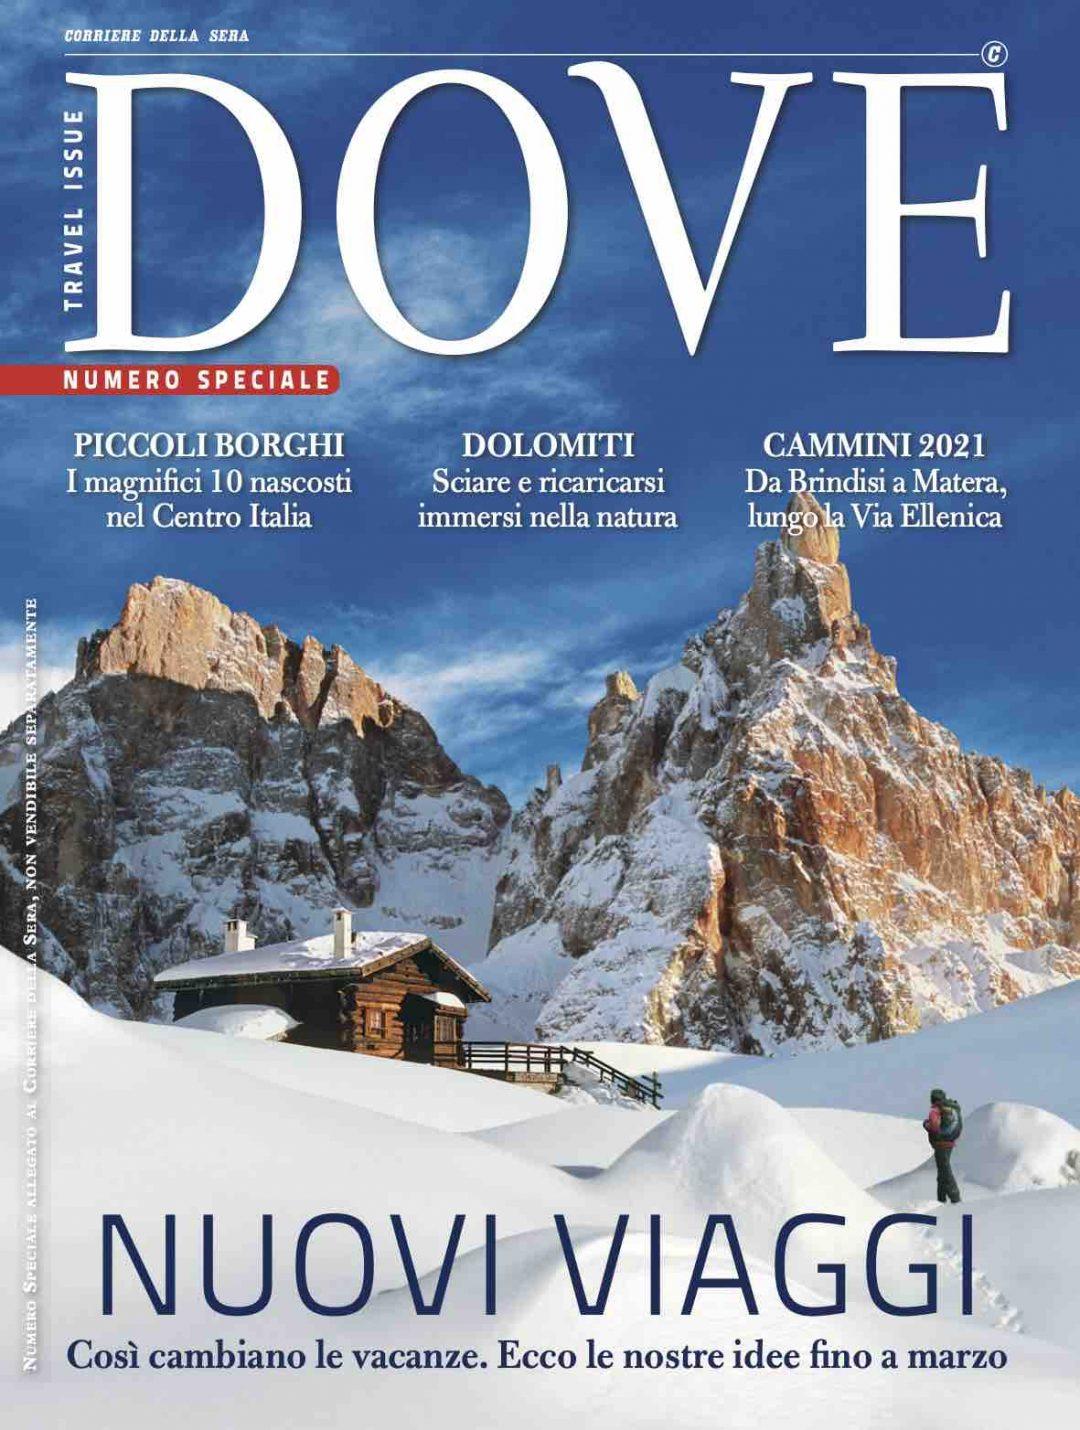 Dove travel Issue Numero Speciale Nuovi Viaggi Il Futuro dei Viaggi 2020 2021